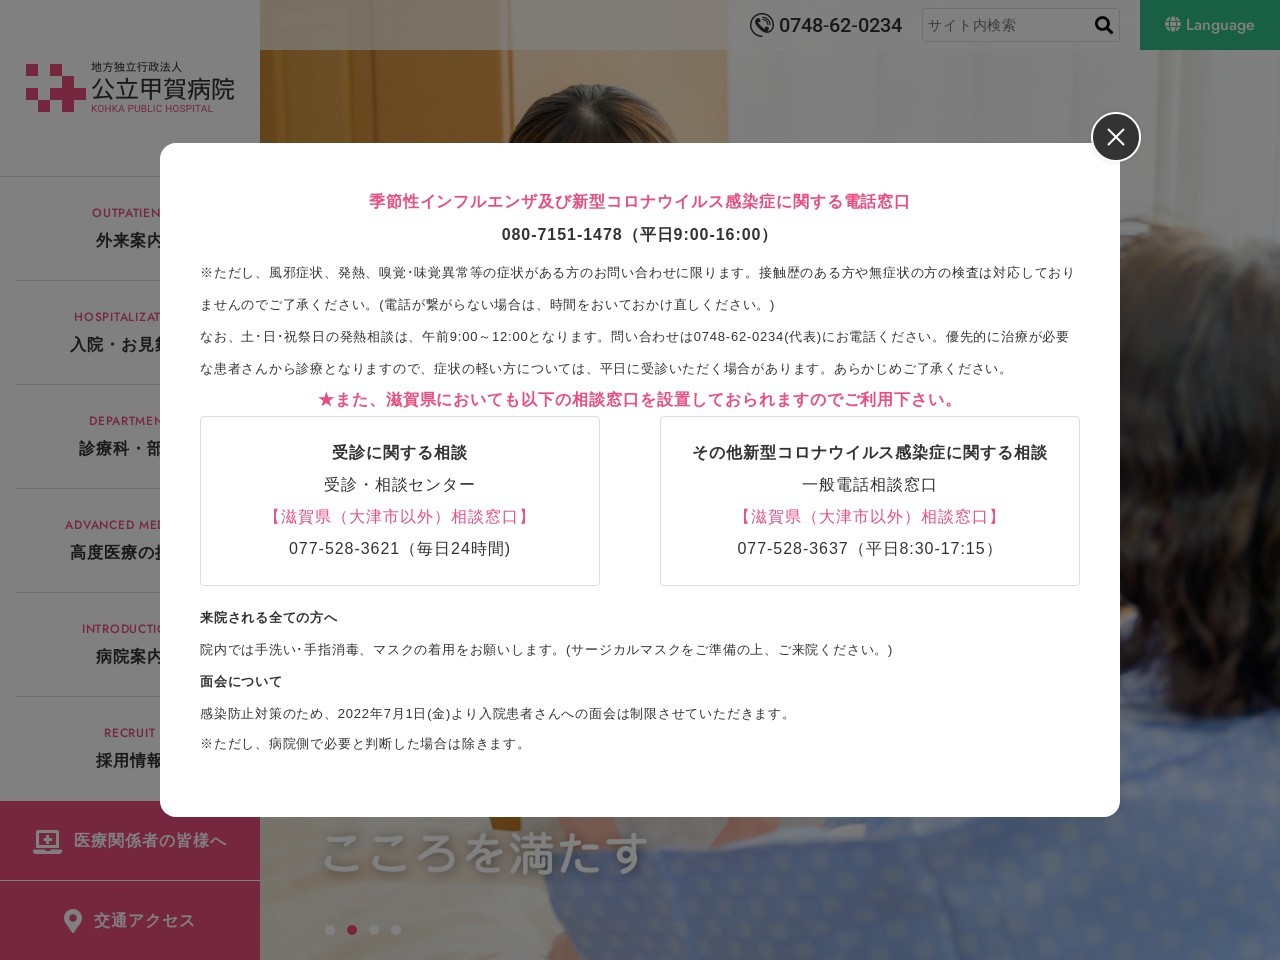 公立甲賀病院組合  公立甲賀病院 (滋賀県甲賀市)